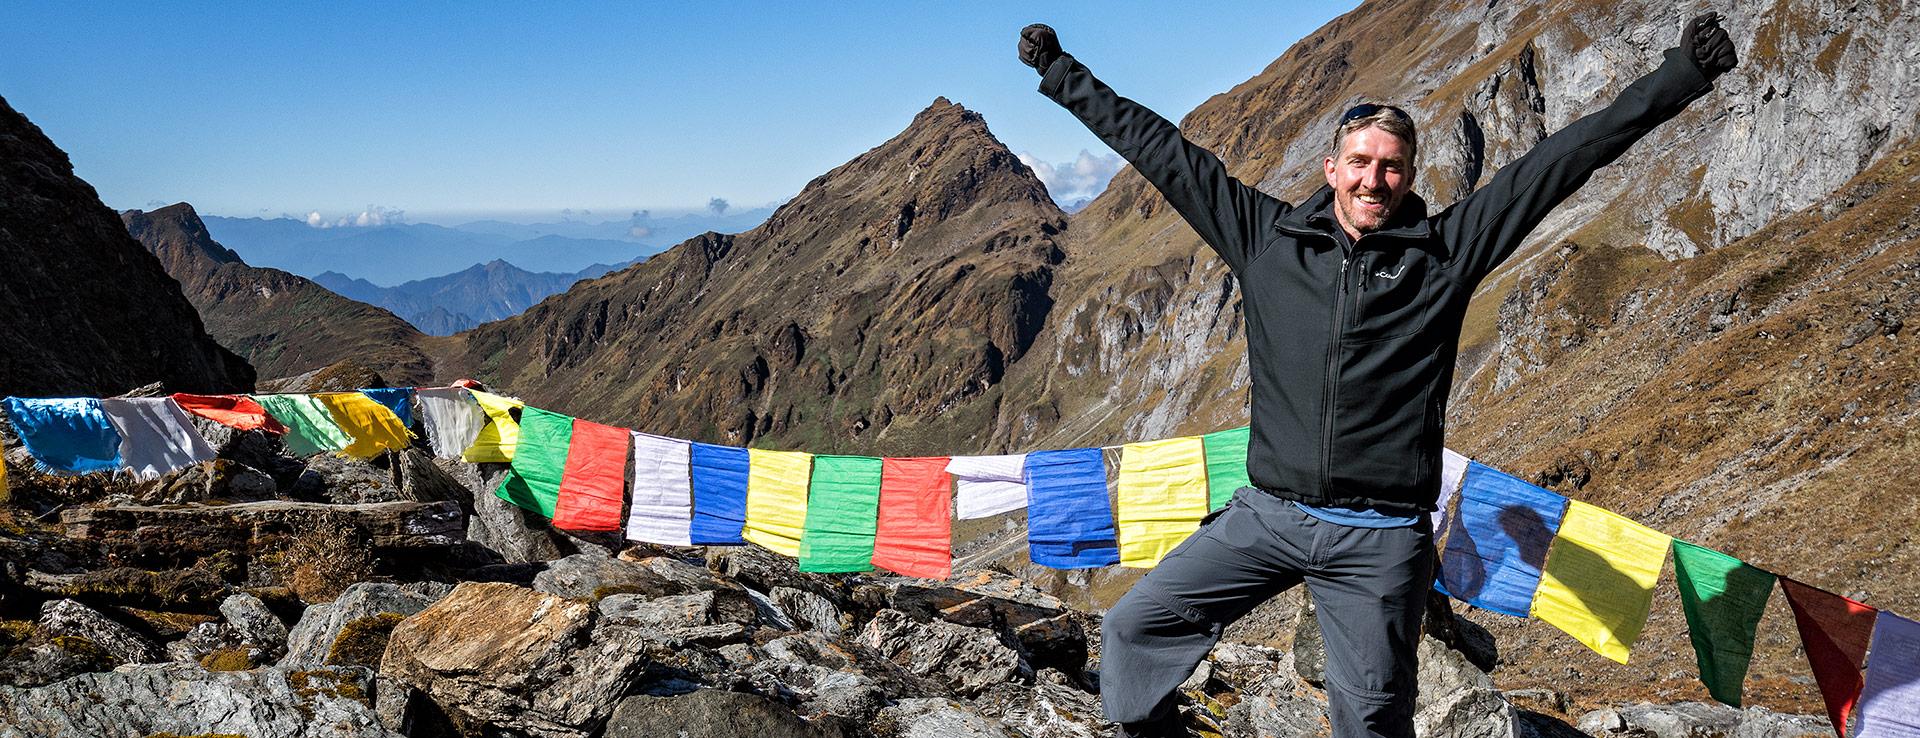 Pascal Boegli au col de Tempe La, Bhoutan